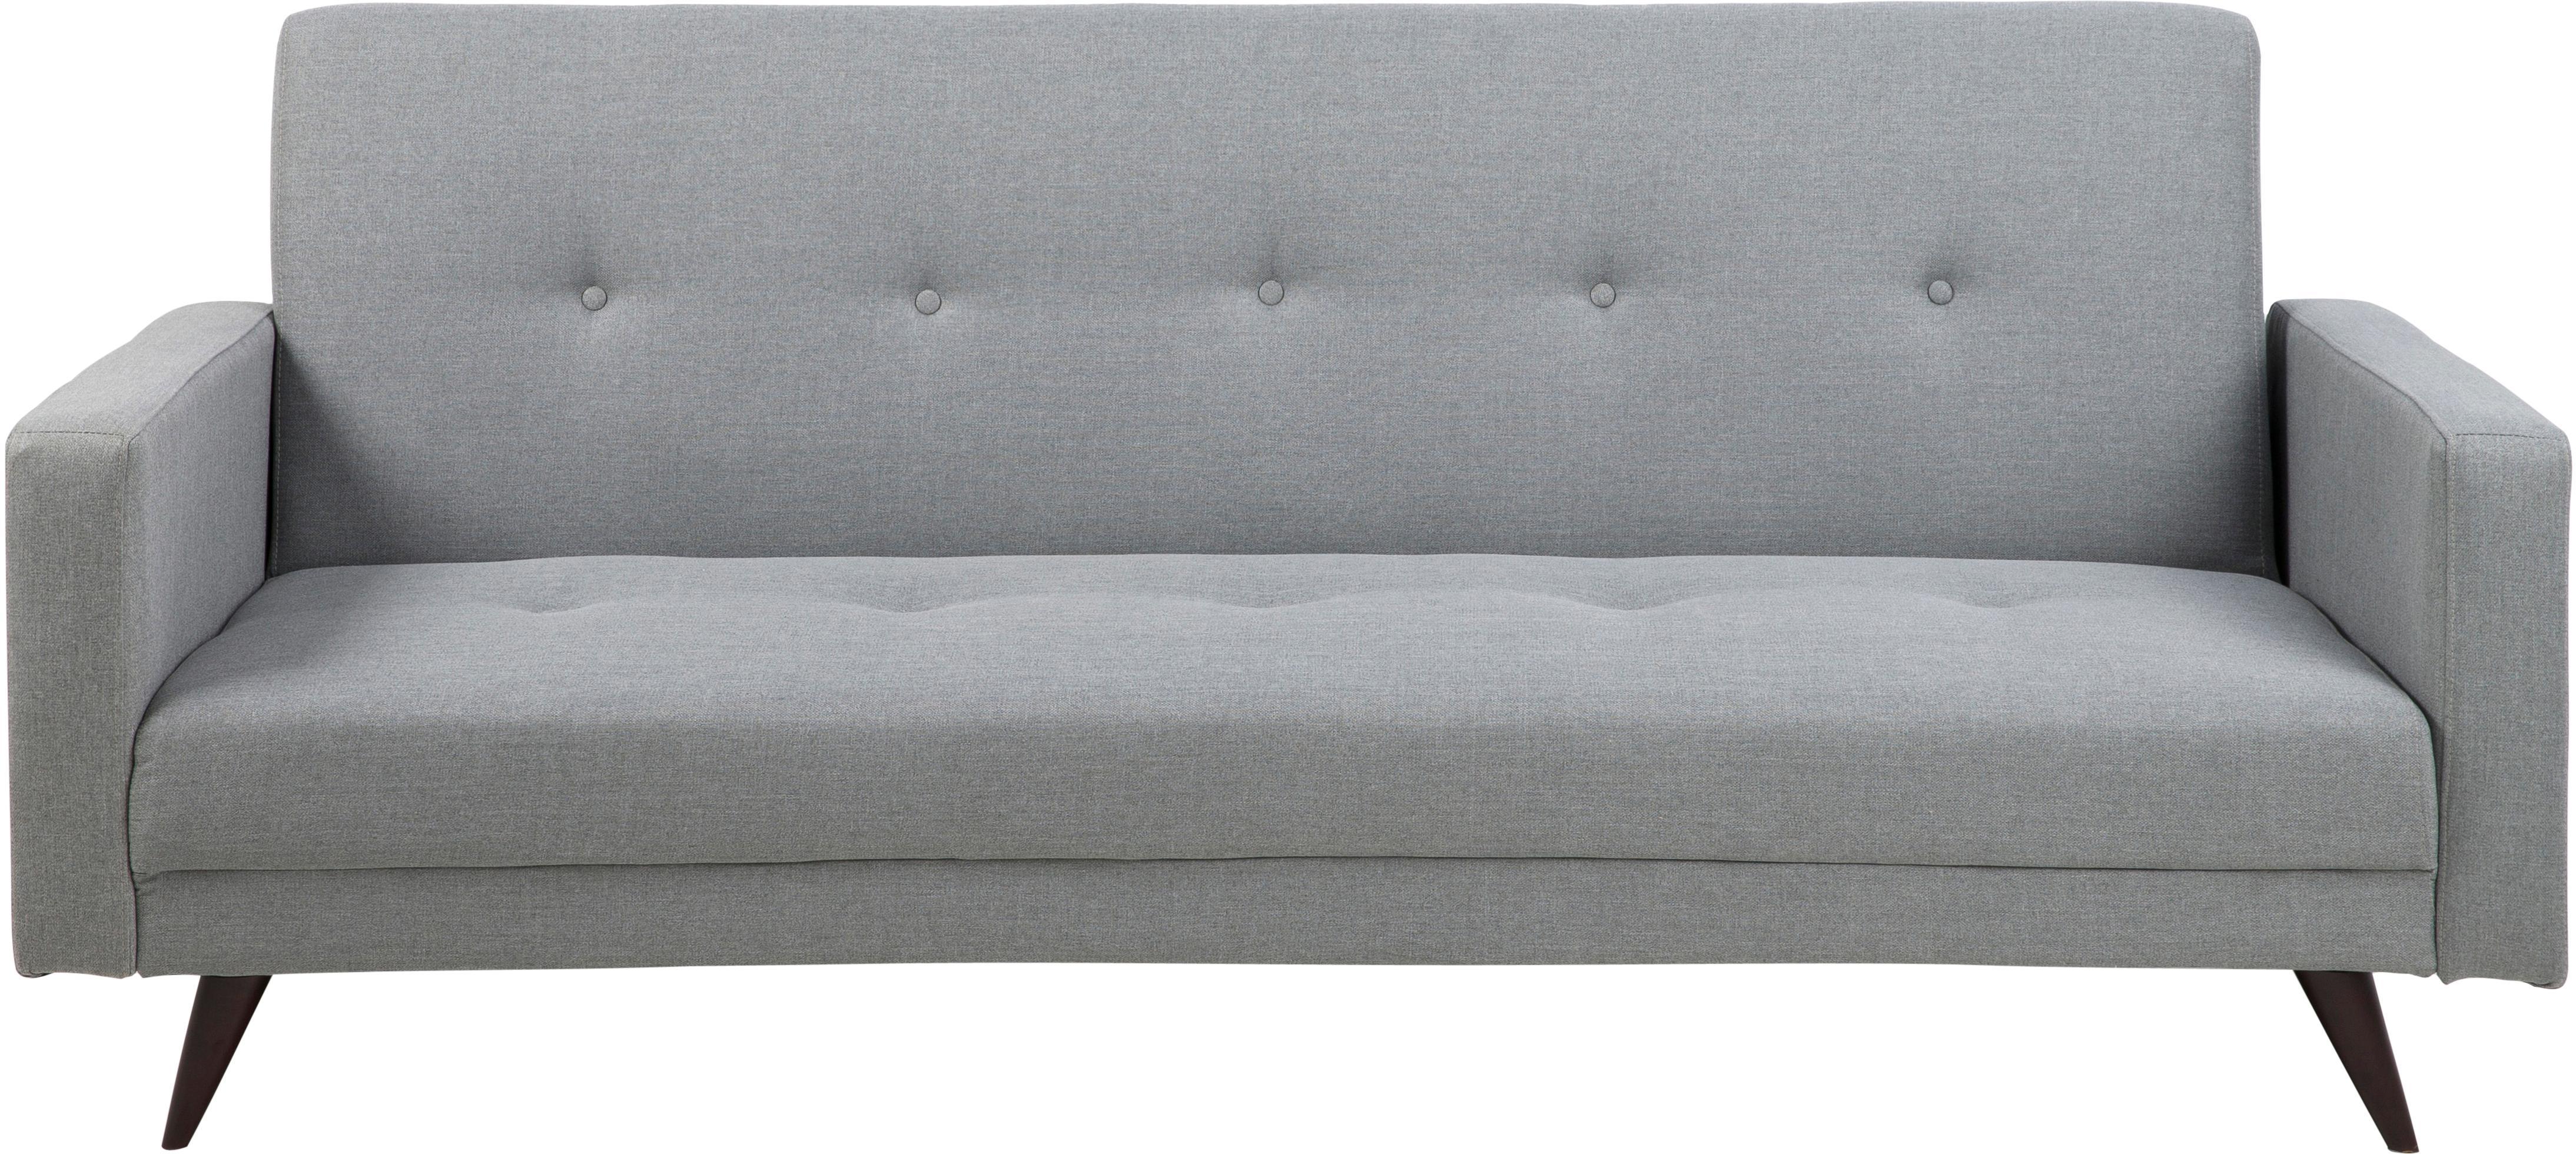 Sofá cama Leconi (3plazas), Tapizado: poliéster, Patas: madera de caucho, pintado, Tapizado: gris claro Patas: marrón oscuro, An 217 x F 89 cm